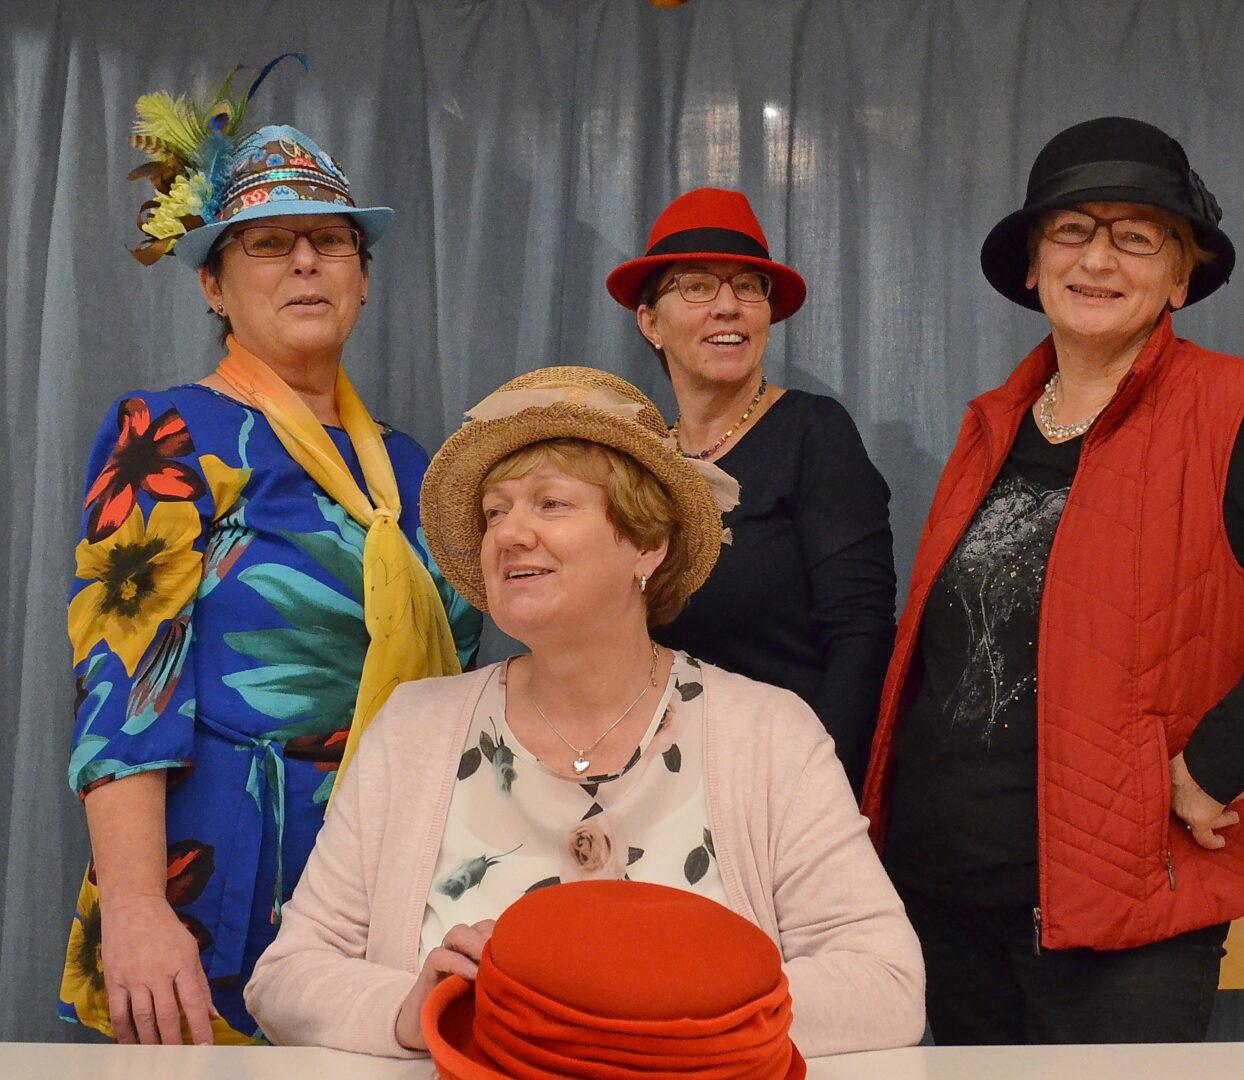 4 KDFB Frauen mit Hüten zur Erinnerung an 100 Jahre Frauenwahlrecht